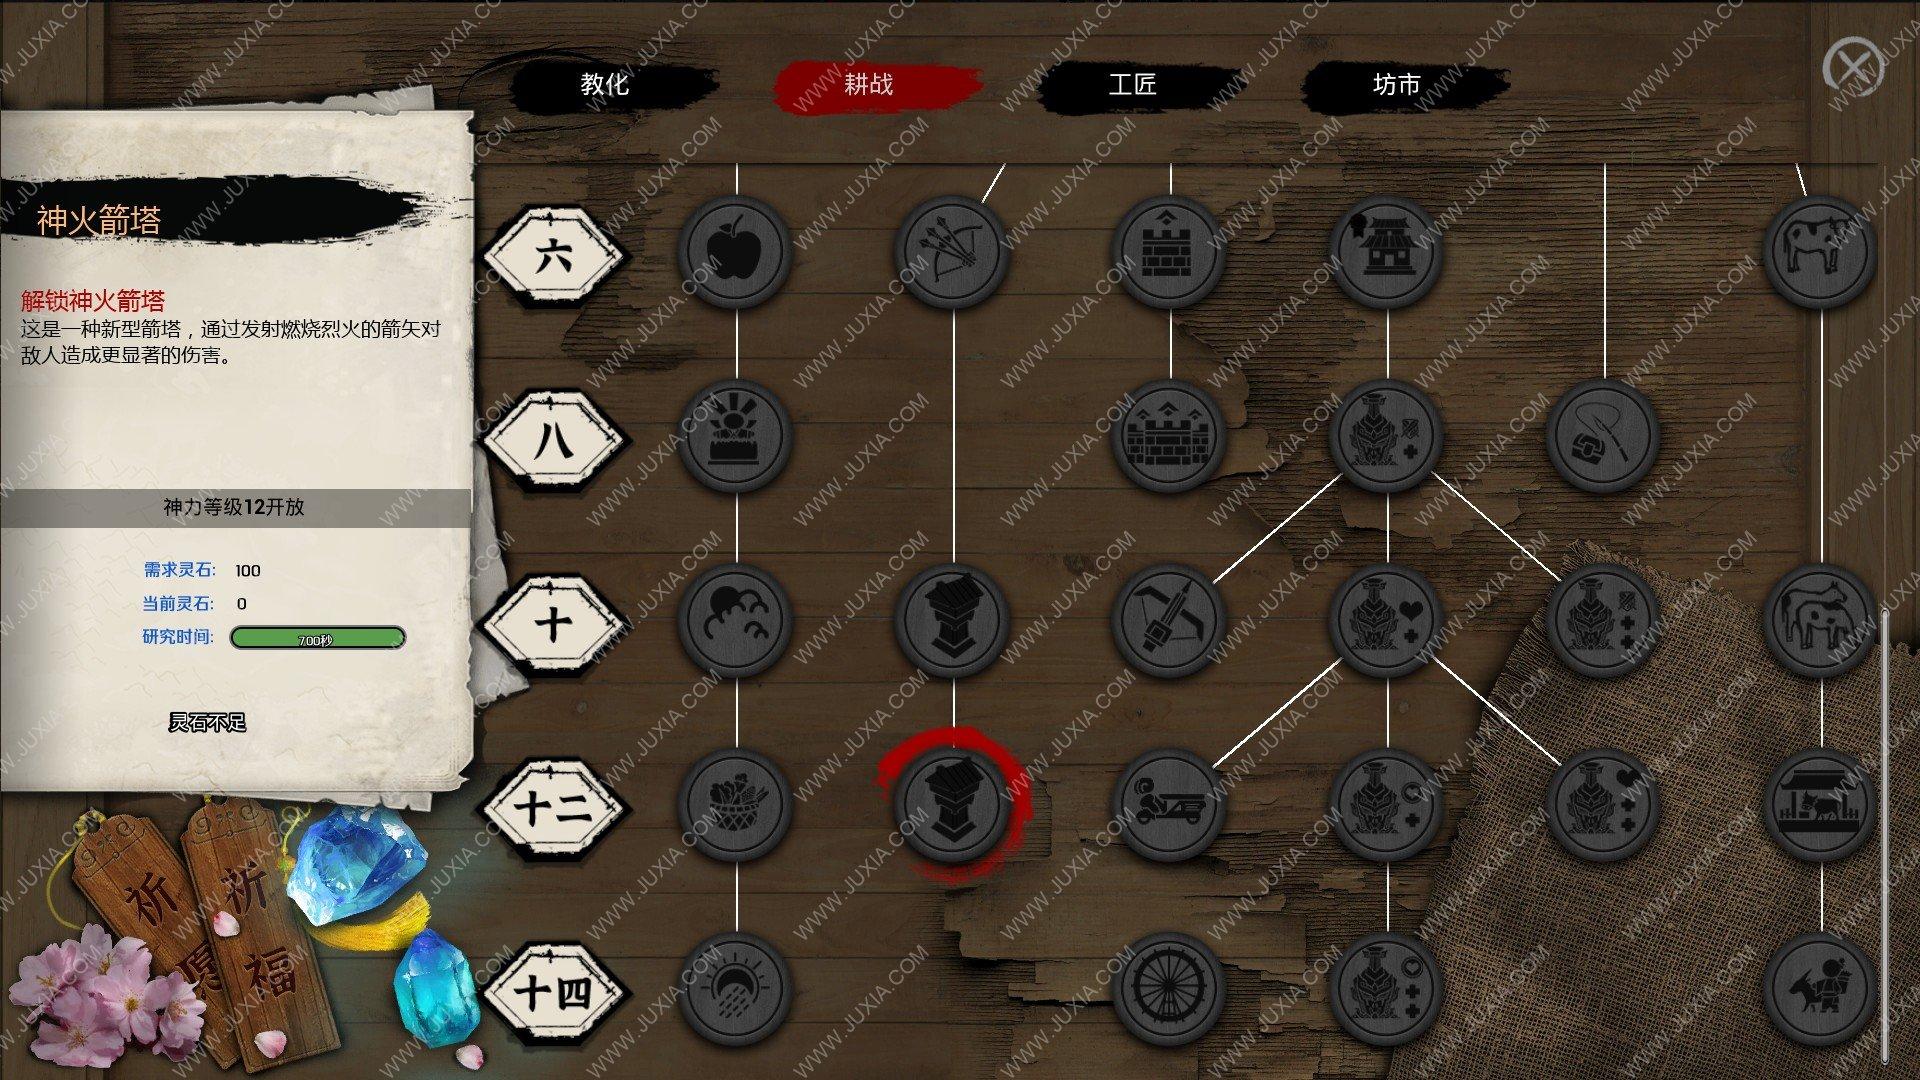 天神镇攻略防御建筑升级篇 神火箭塔攻击力有多少